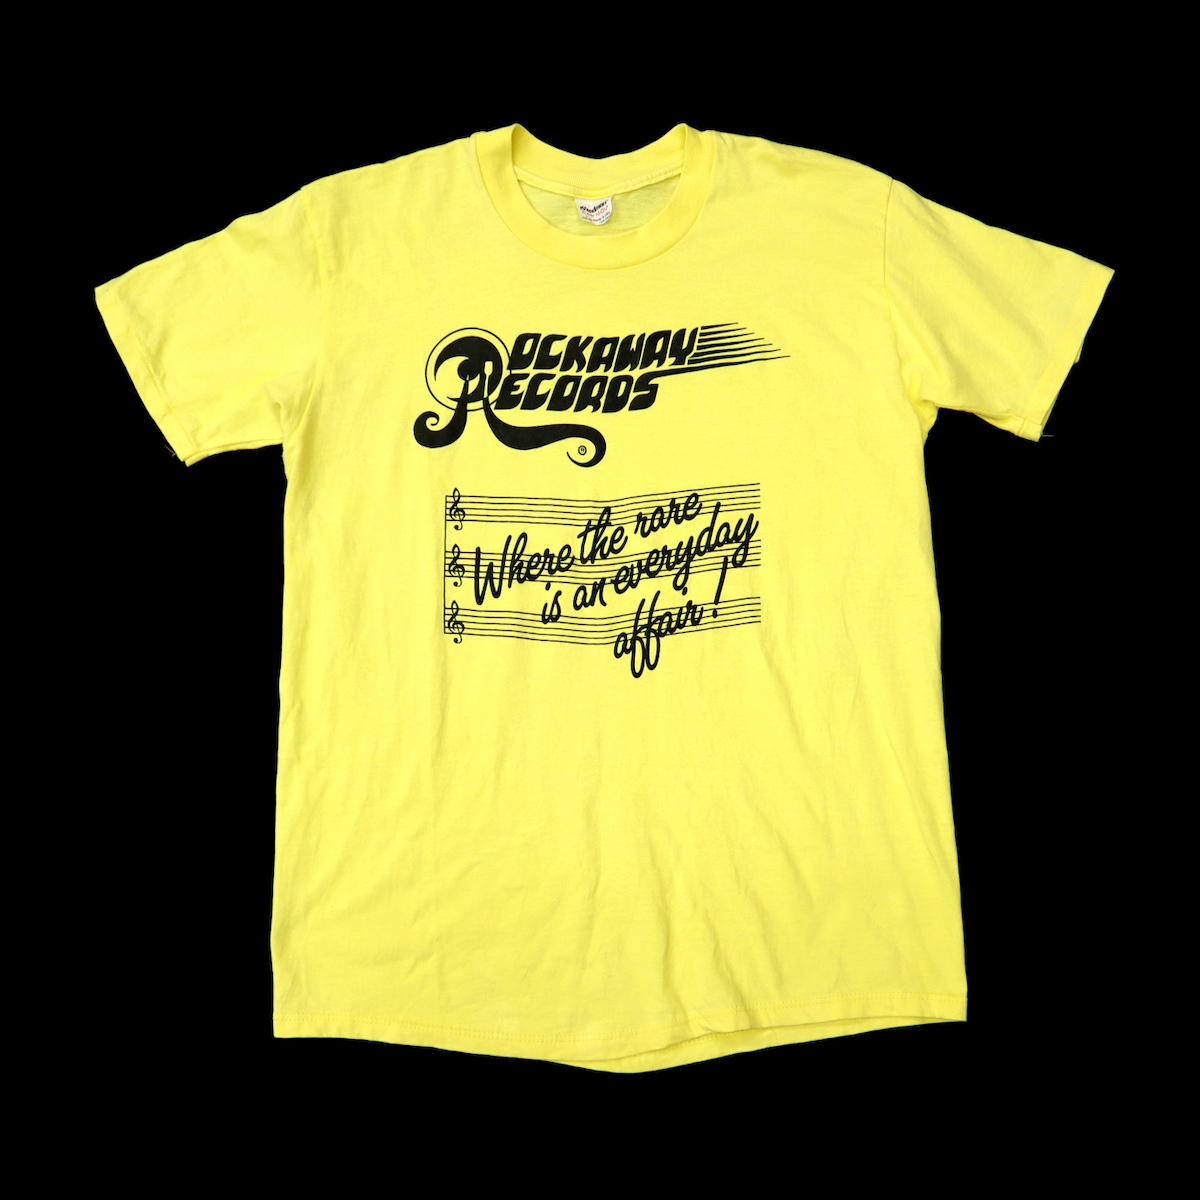 ☆送料無料☆ 80s ビンテージ ROCKAWAY RECORDS Tシャツ レコード店 音楽 ミュージック STEDMAN USA製 80年代 古着 メンズ ロック バンド